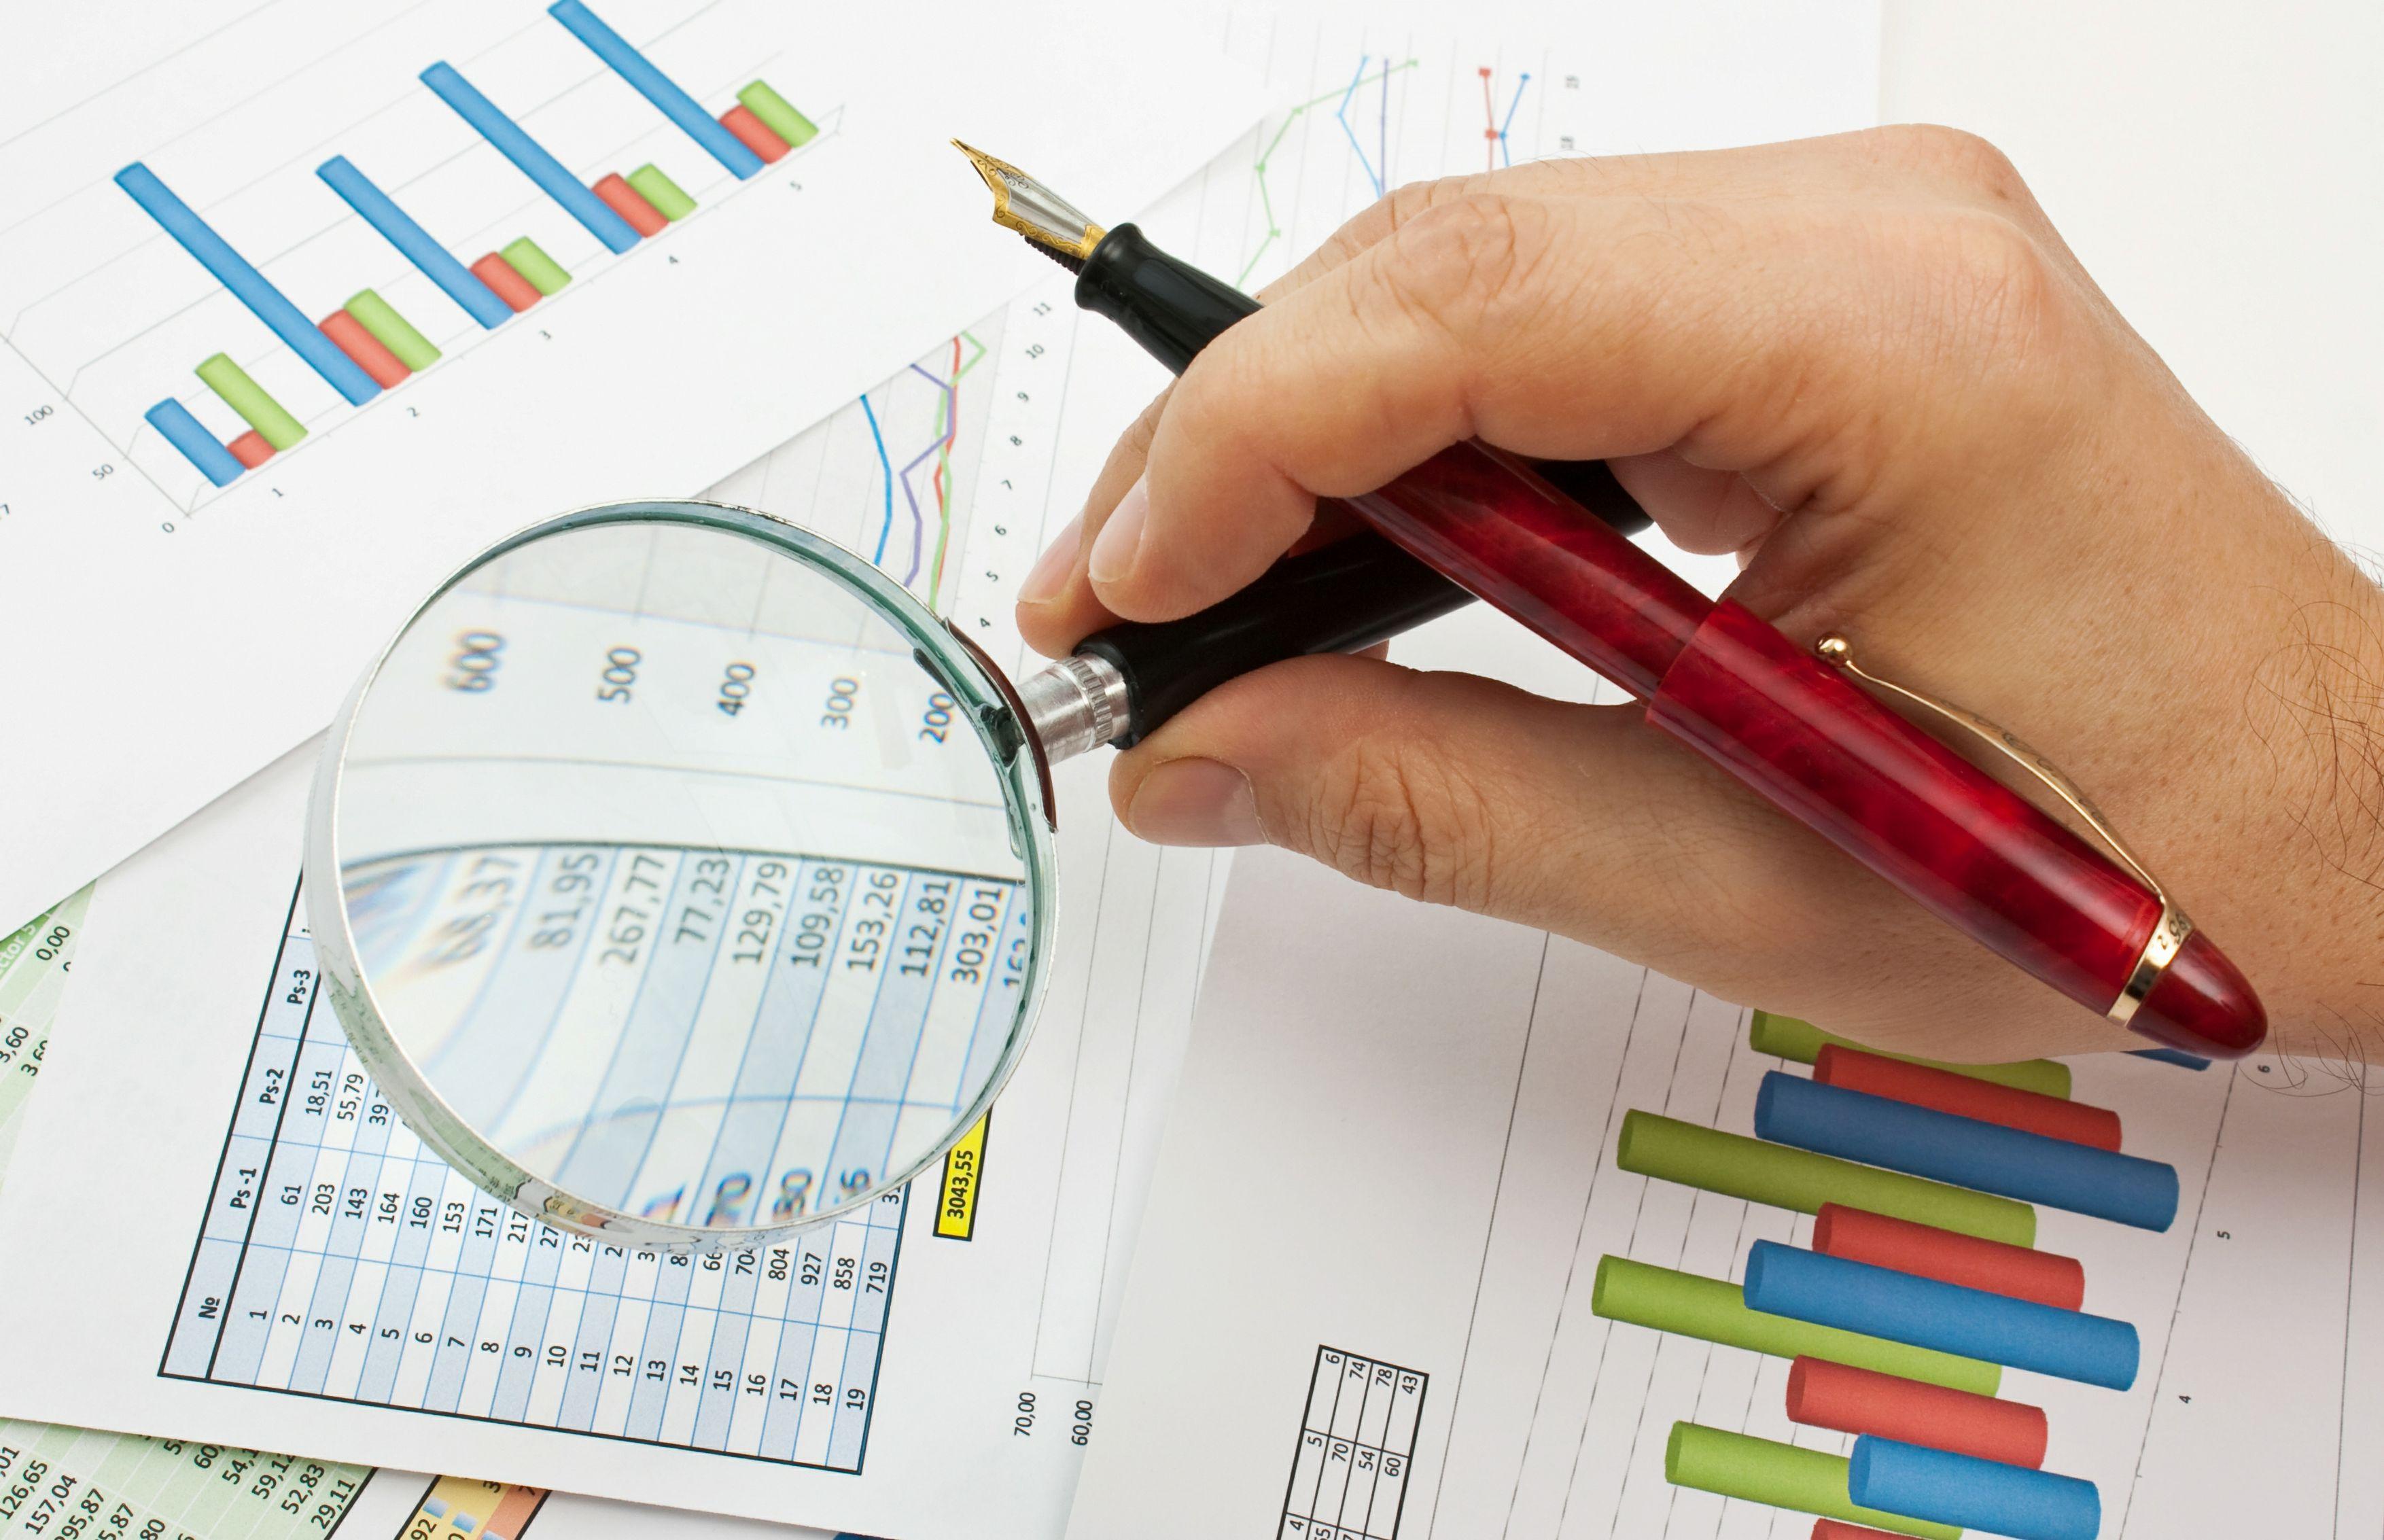 格隆汇港股聚焦(12.3)︱新城发展前11月销售额升24.17%至2465.62亿元 复星医药:阿莫西林胶囊通过仿制药一致性评价